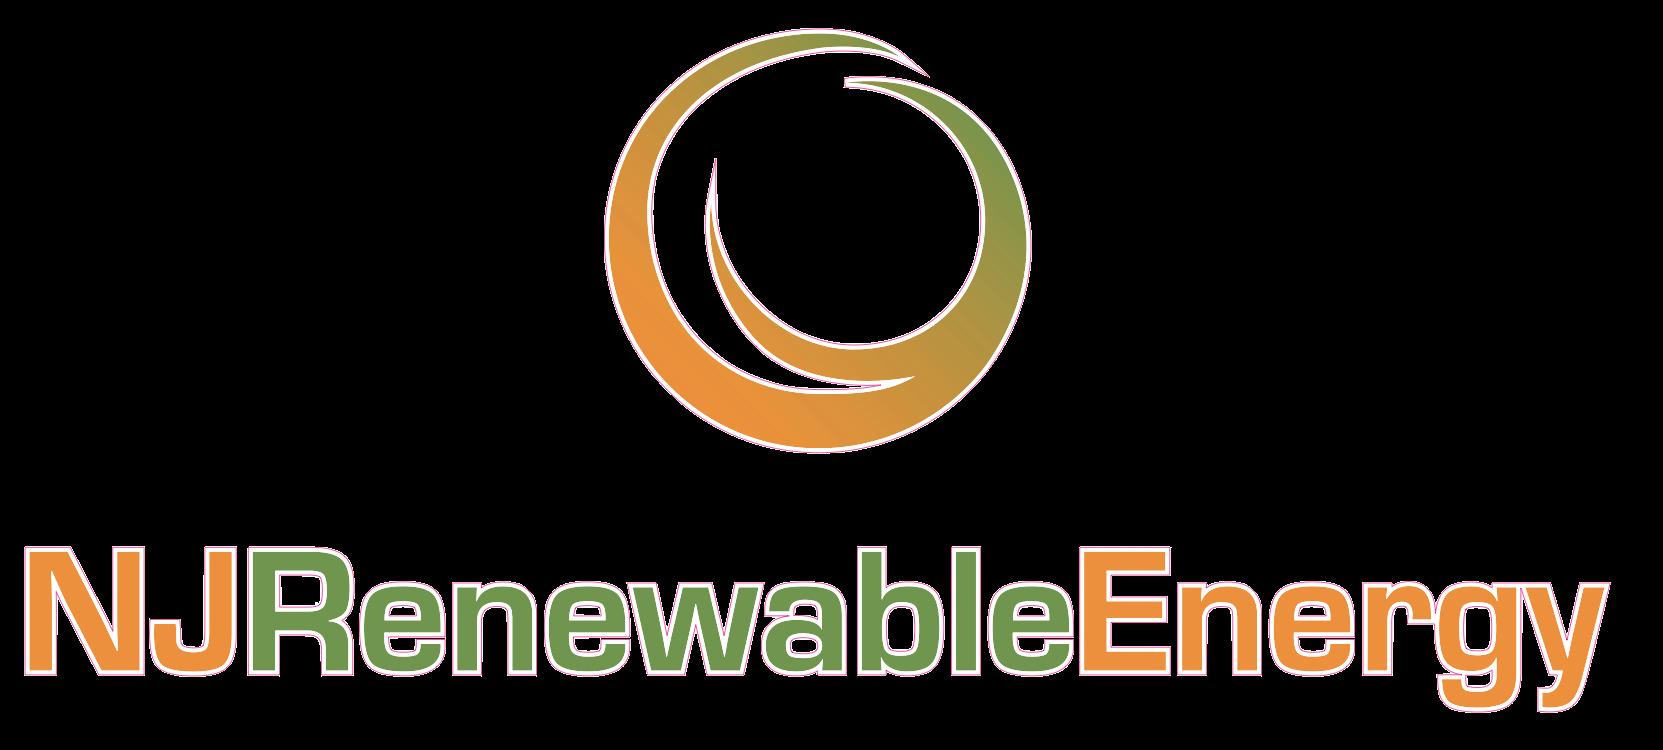 NJ Renewable Energy LLC